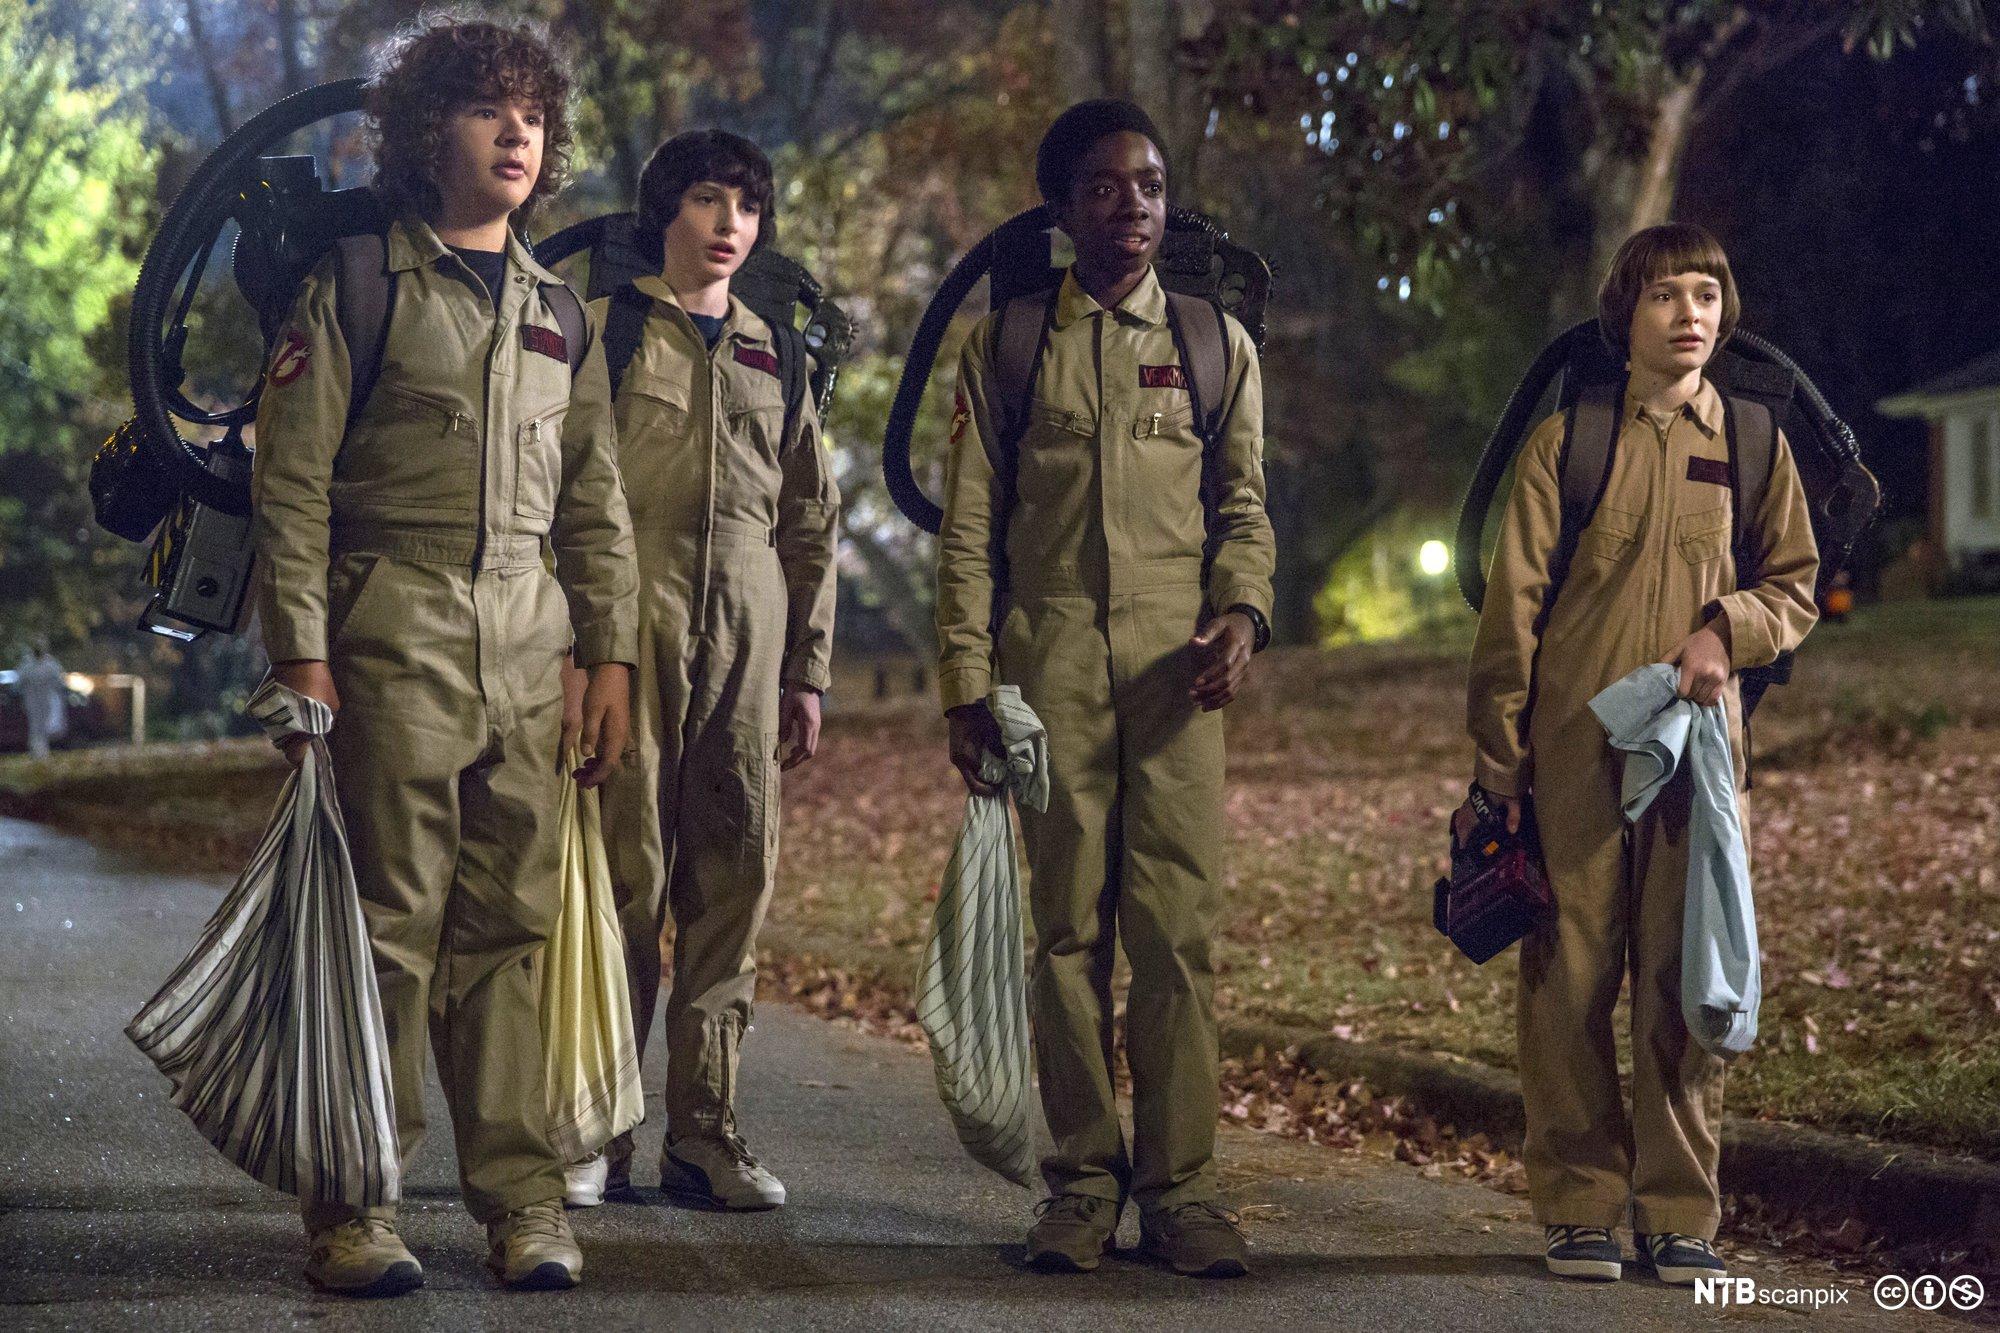 Fire ungdommer i kjeledress går bortover en vei mens de bærer hver sin pose. Foto.